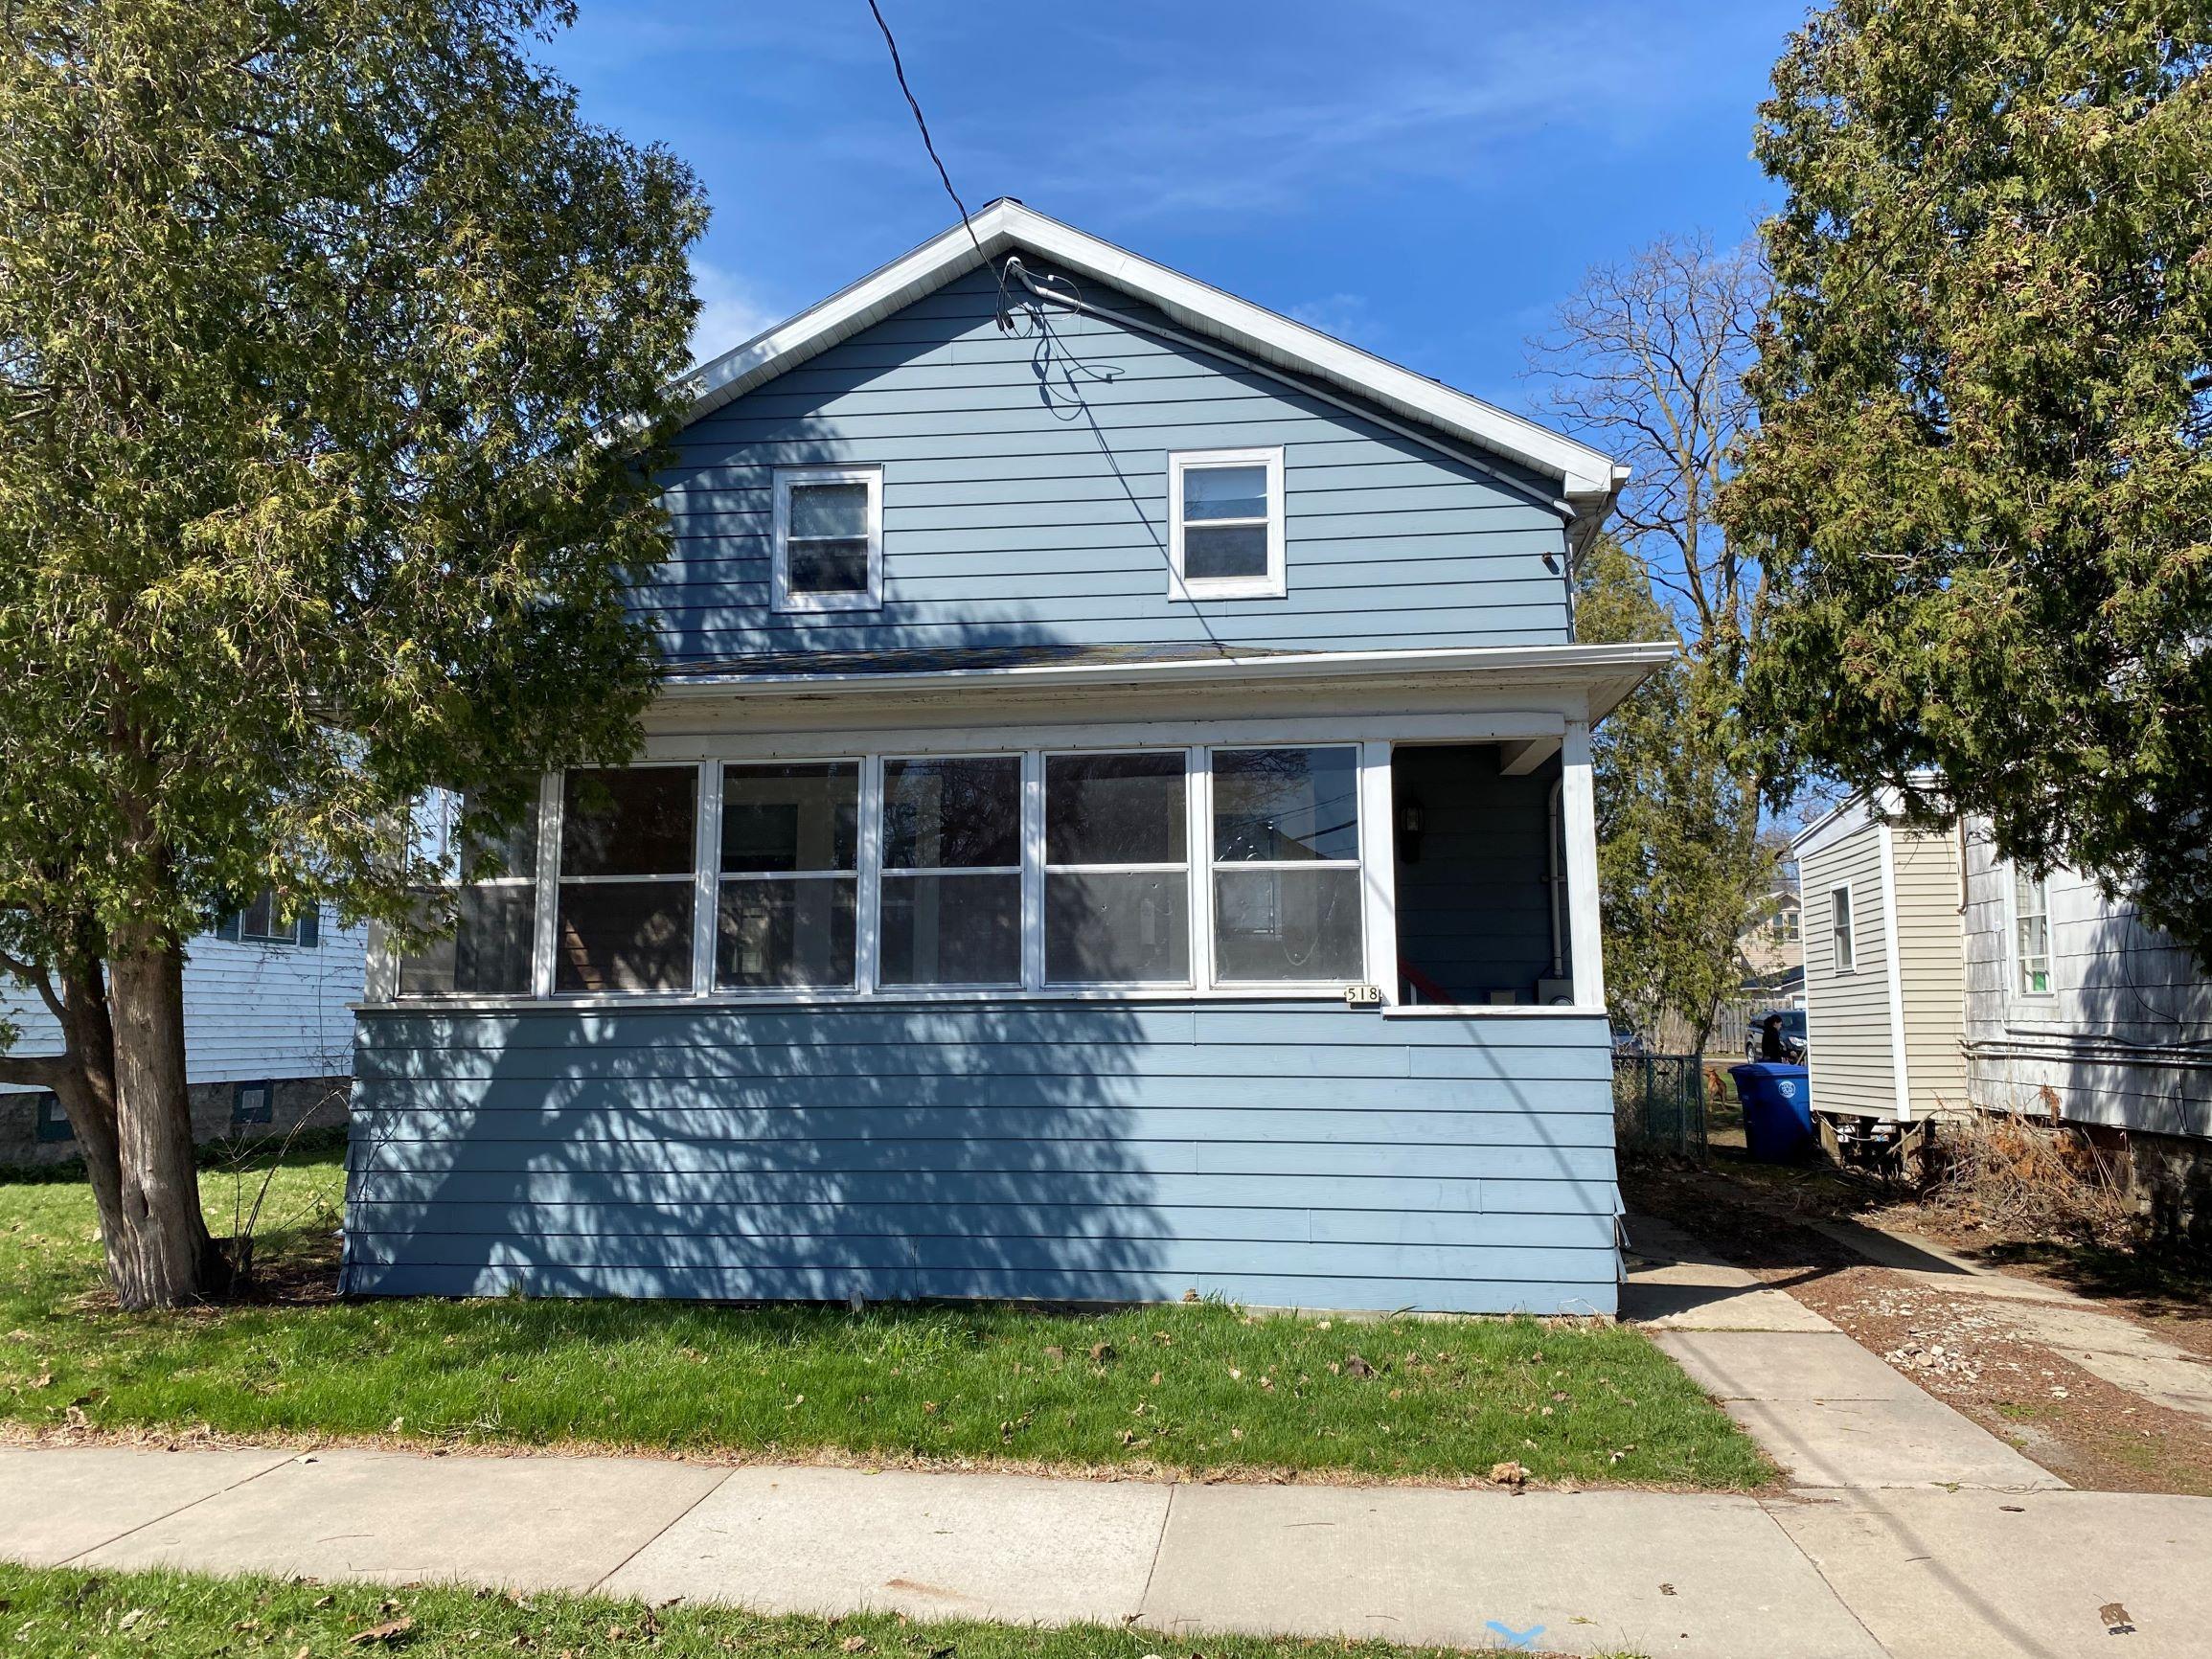 518 Ceape Ave, Oshkosh, WI